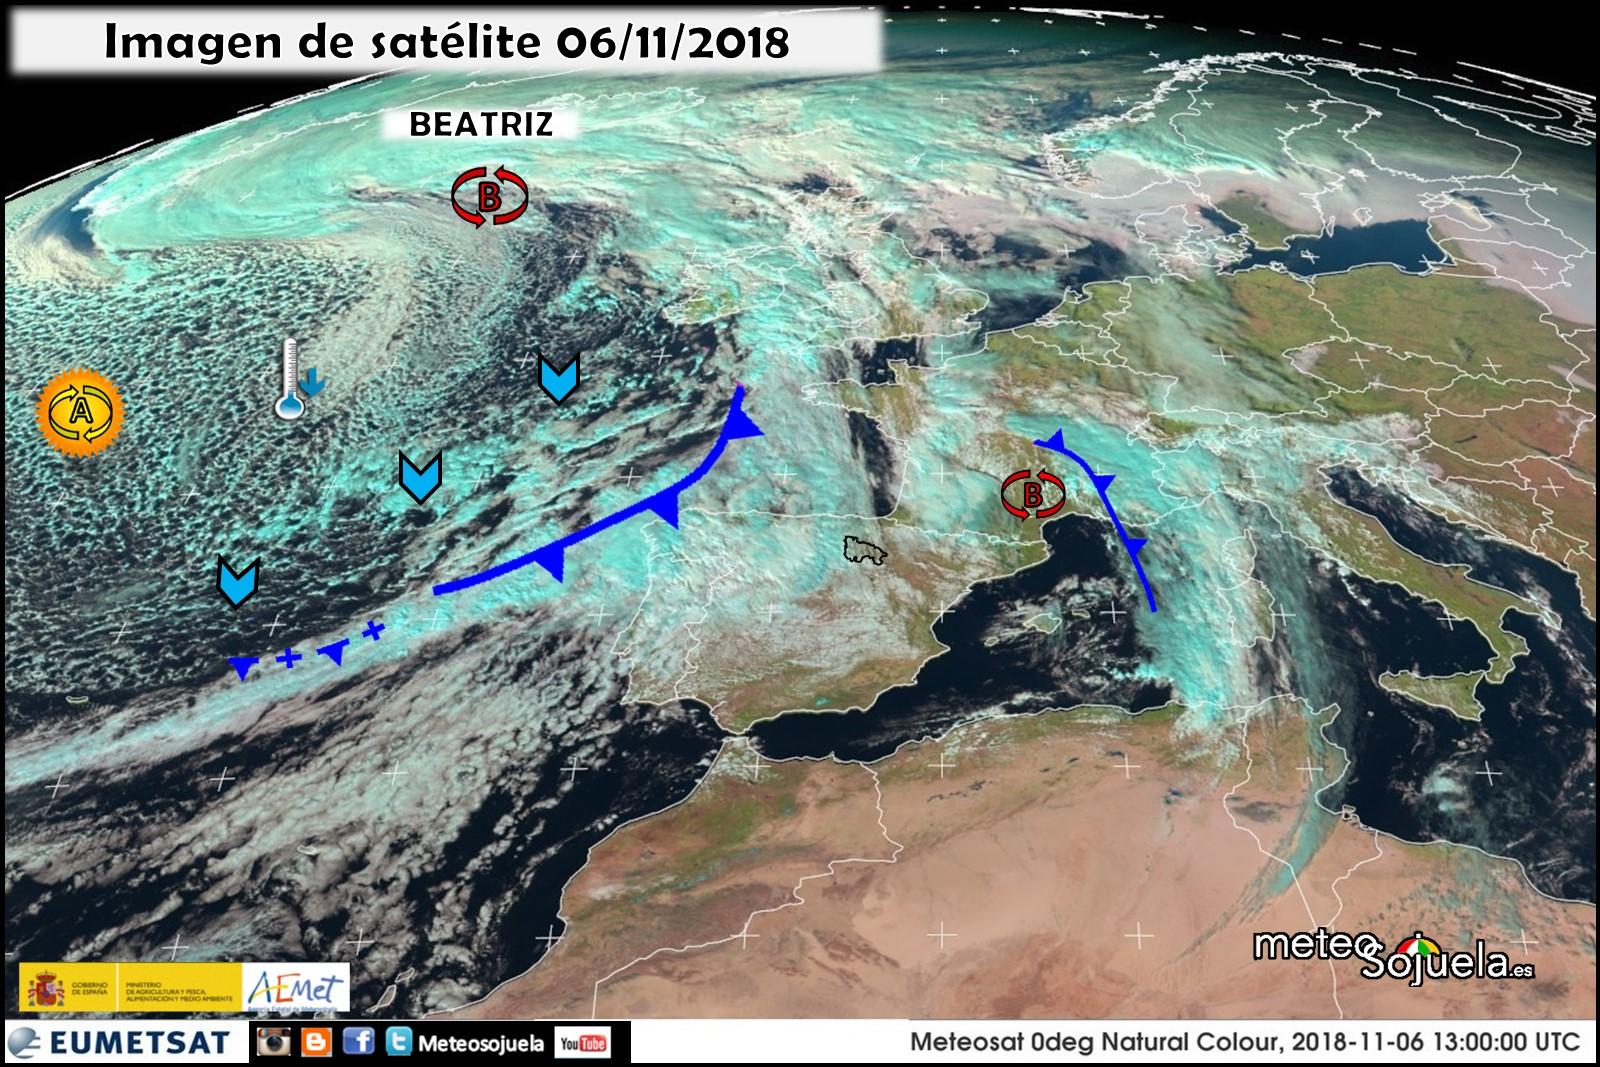 Imagenes de satélite, nubes bajas y cirrus. Meteosojuela.